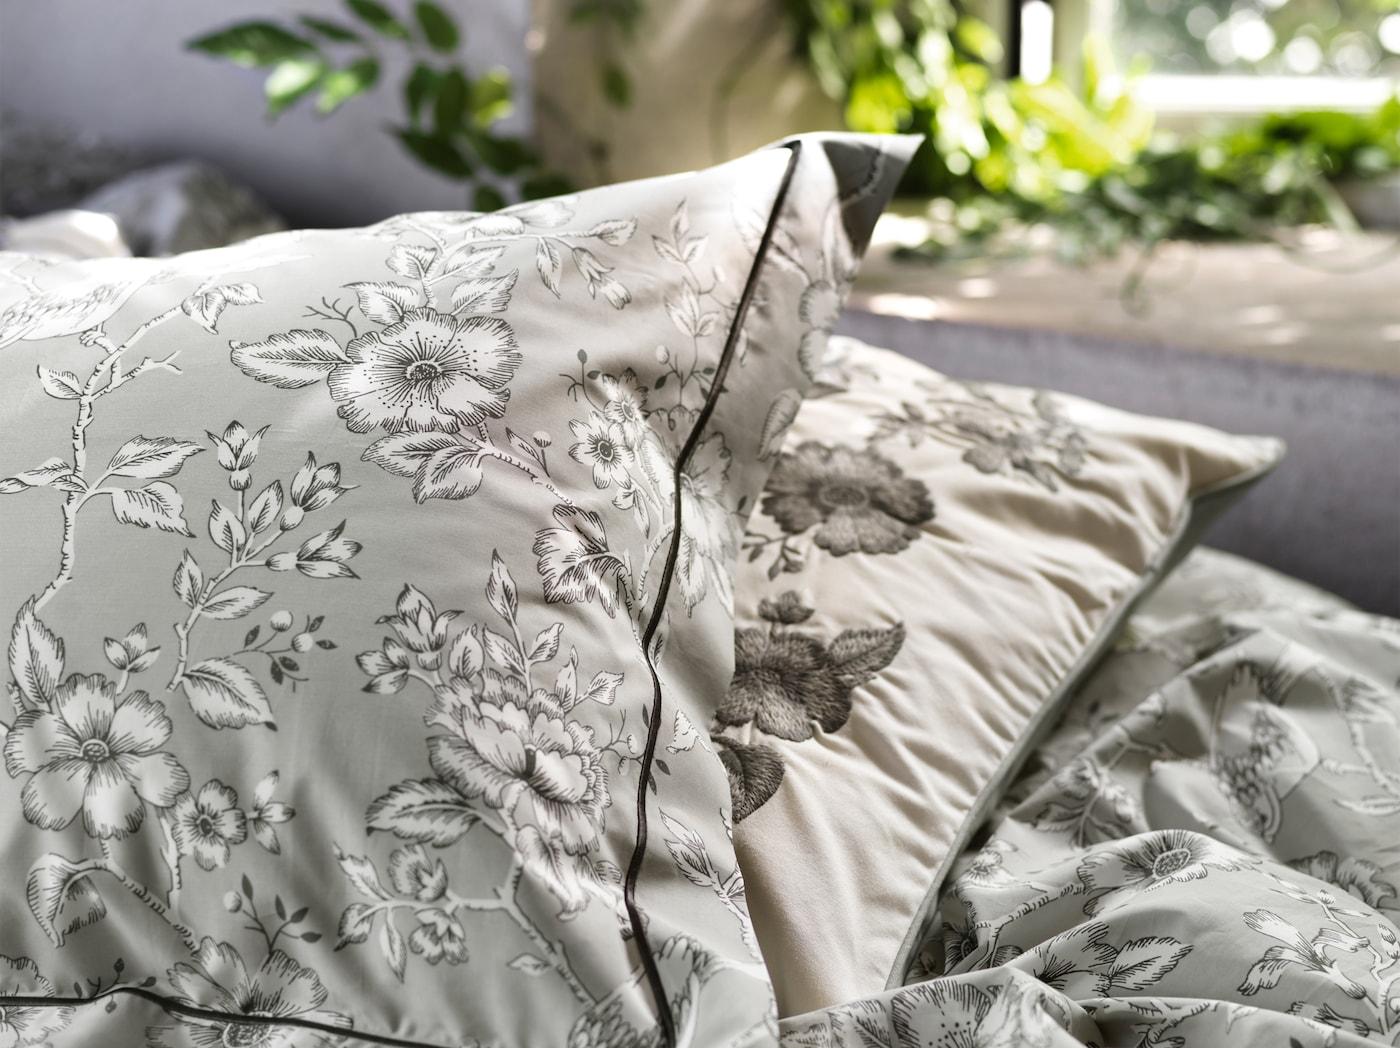 Nahaufnahme eines PRAKTBRÄCKA Bettwäsche-Sets in Grau mit traditionellen Blütenmustern